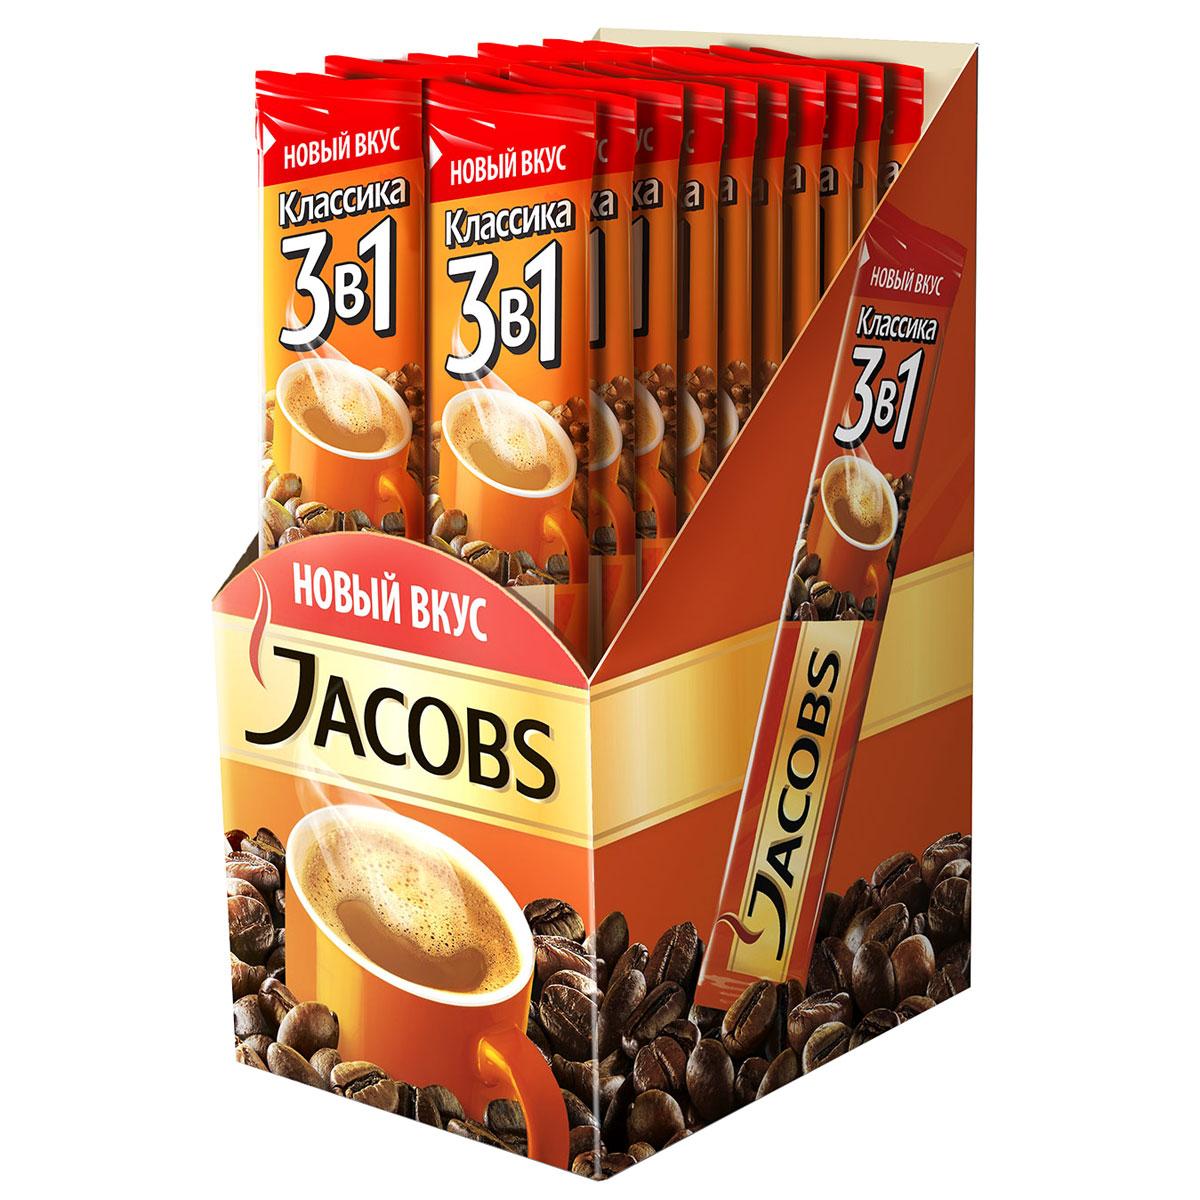 Jacobs Классика 3 в 1 напиток кофейный растворимый в пакетиках, 20 шт